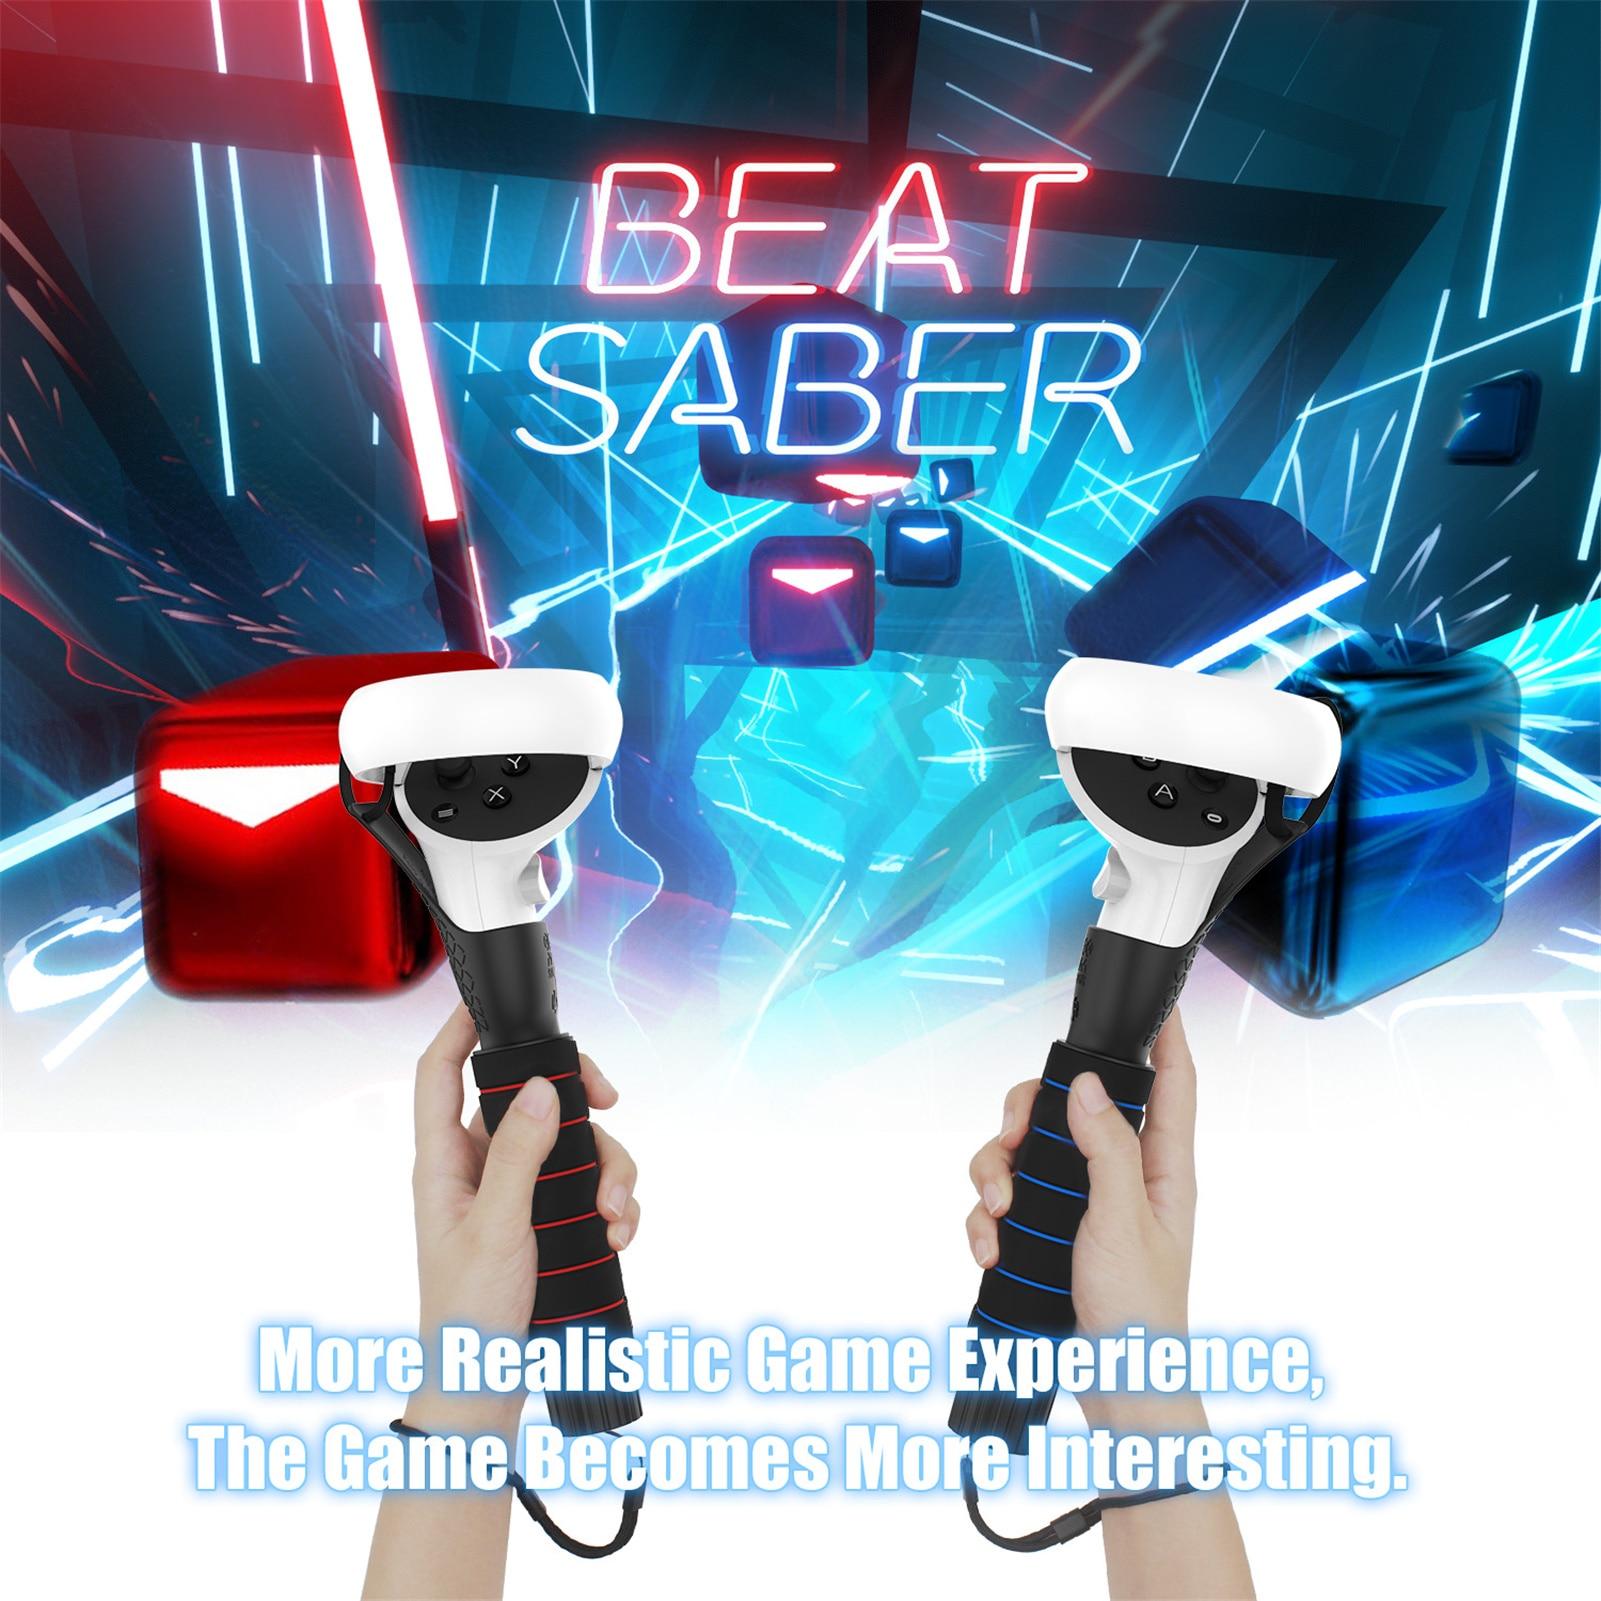 مقبض طويل مقبض مزدوج للتمديدات من أجل كوة كويست 1 ، كوة كويست 2 VR أو المتصدع S وحدات تحكم لعب فاز ألعاب صابر